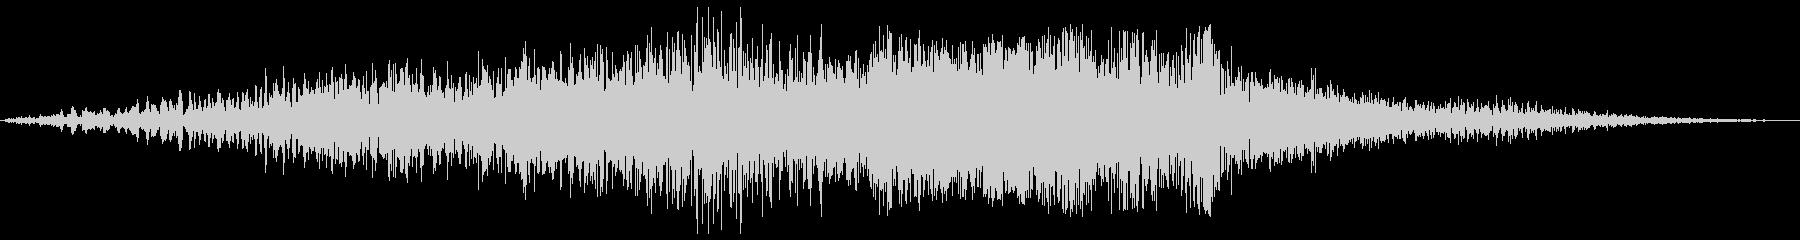 ボァ〜バァ〜(素敵な物が現れるような音)の未再生の波形